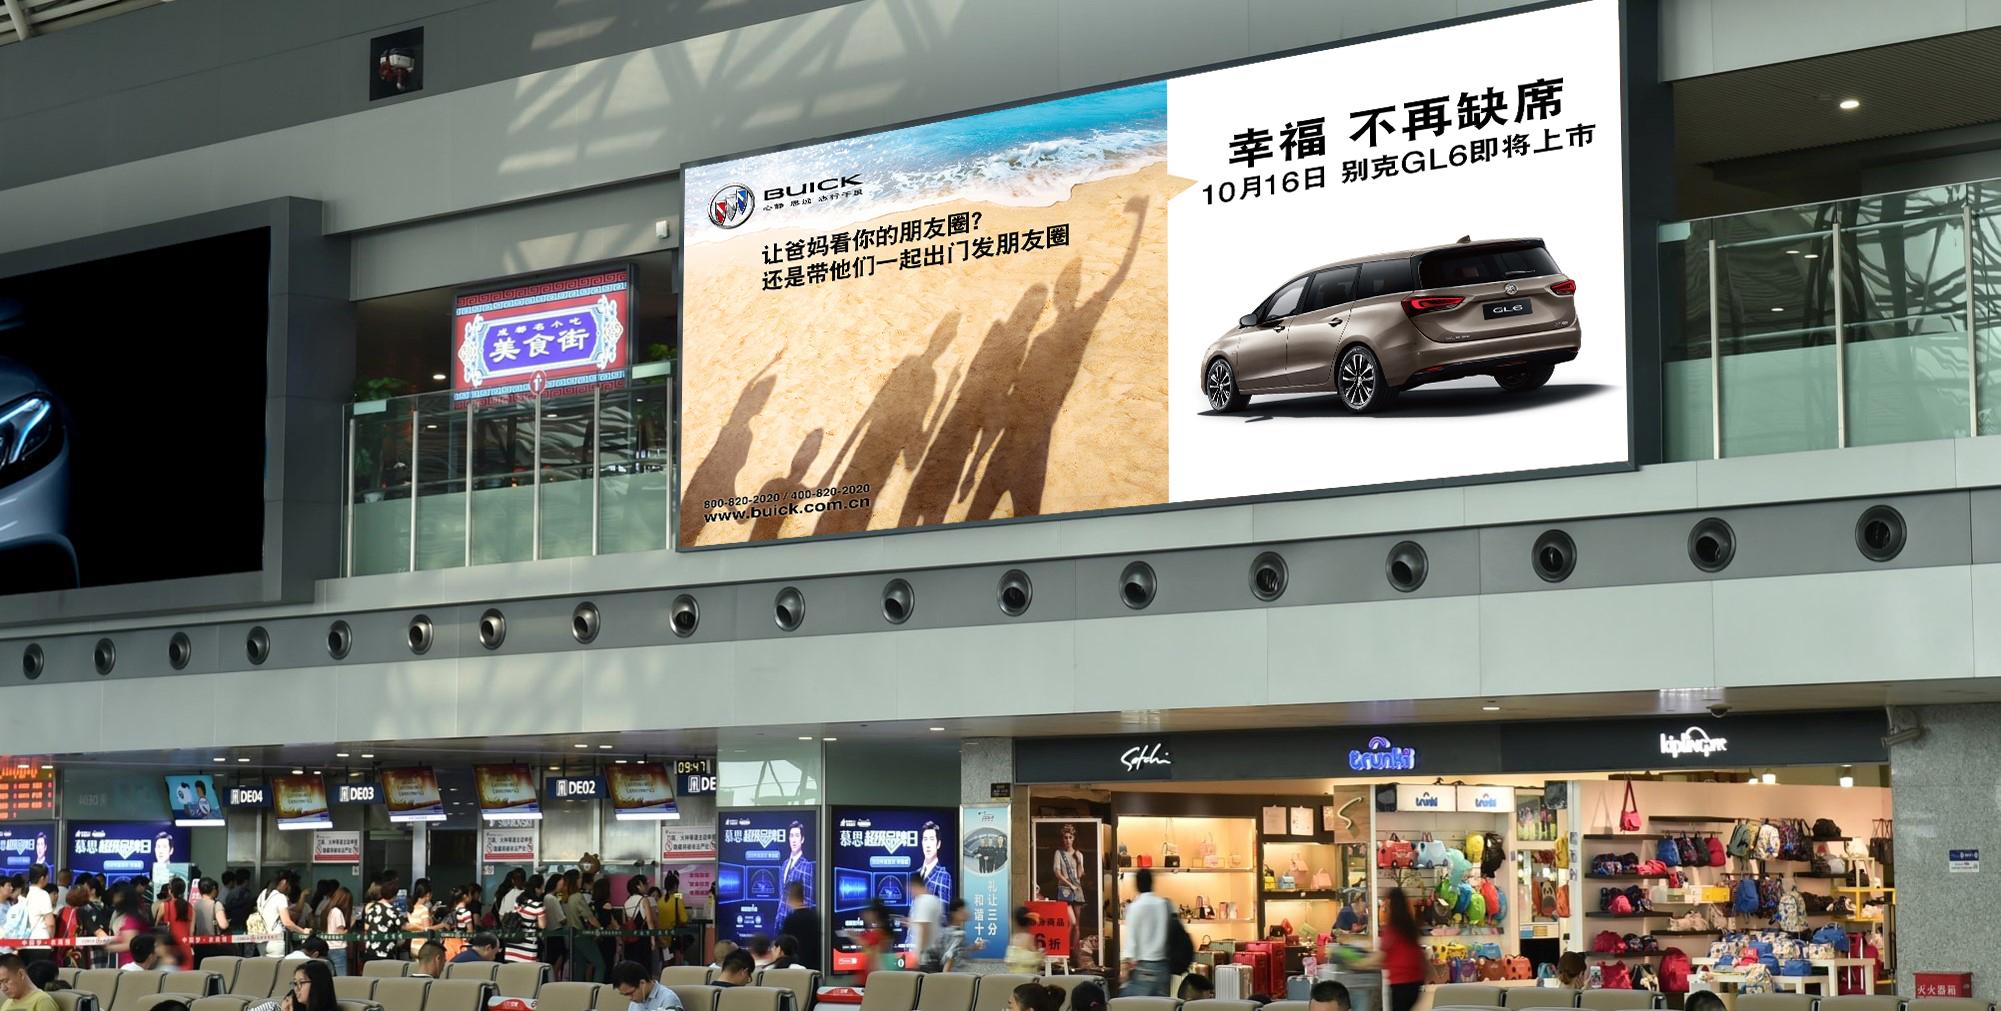 成都国际机场广告.png